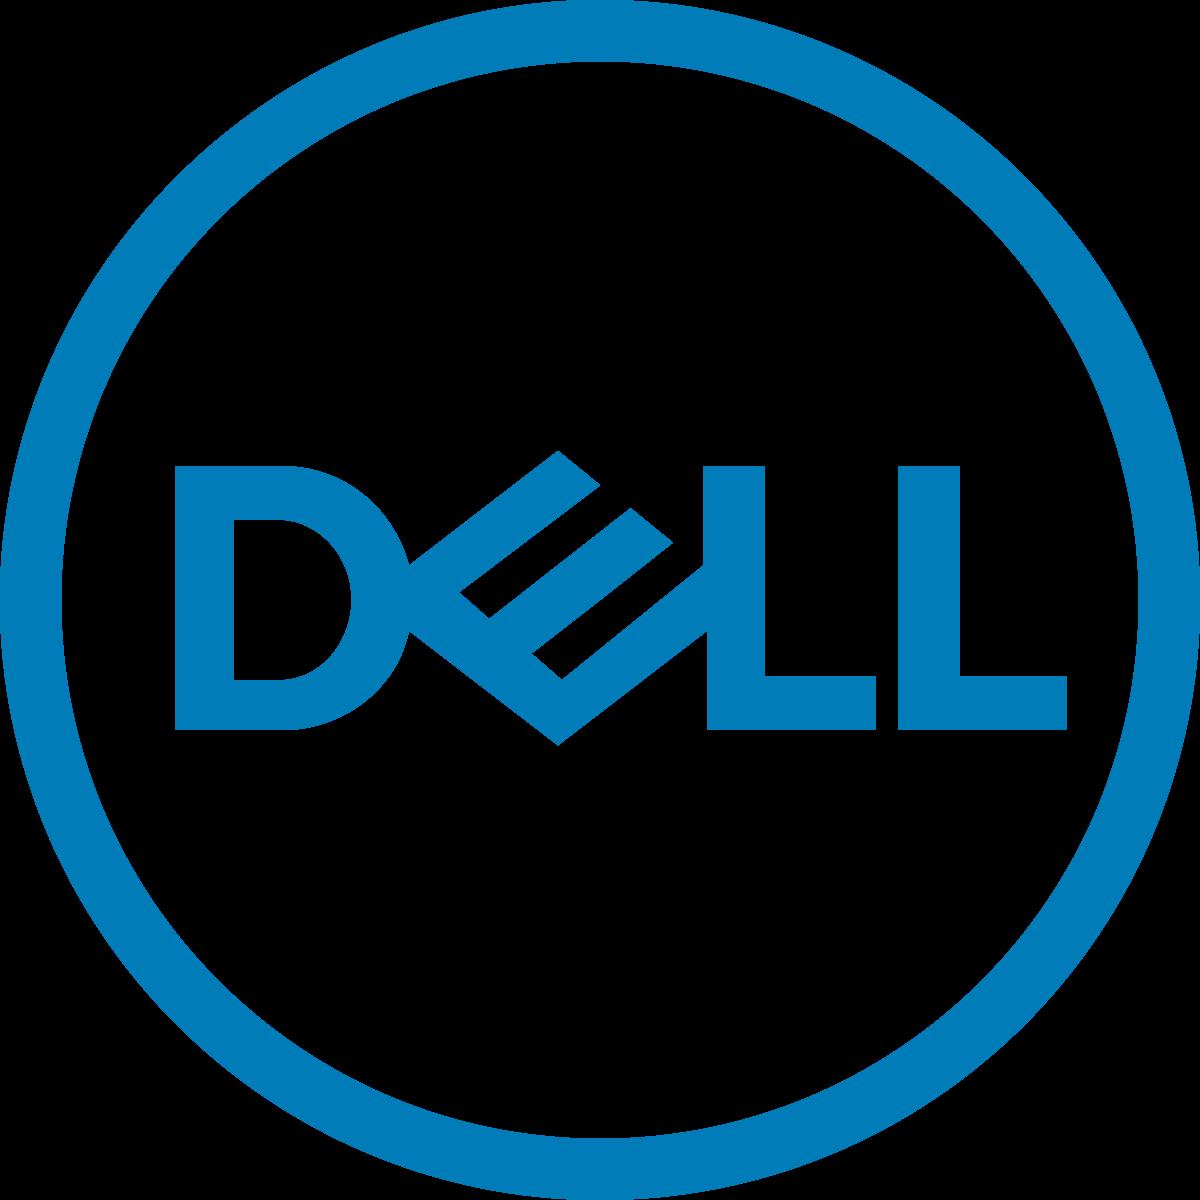 Dell.